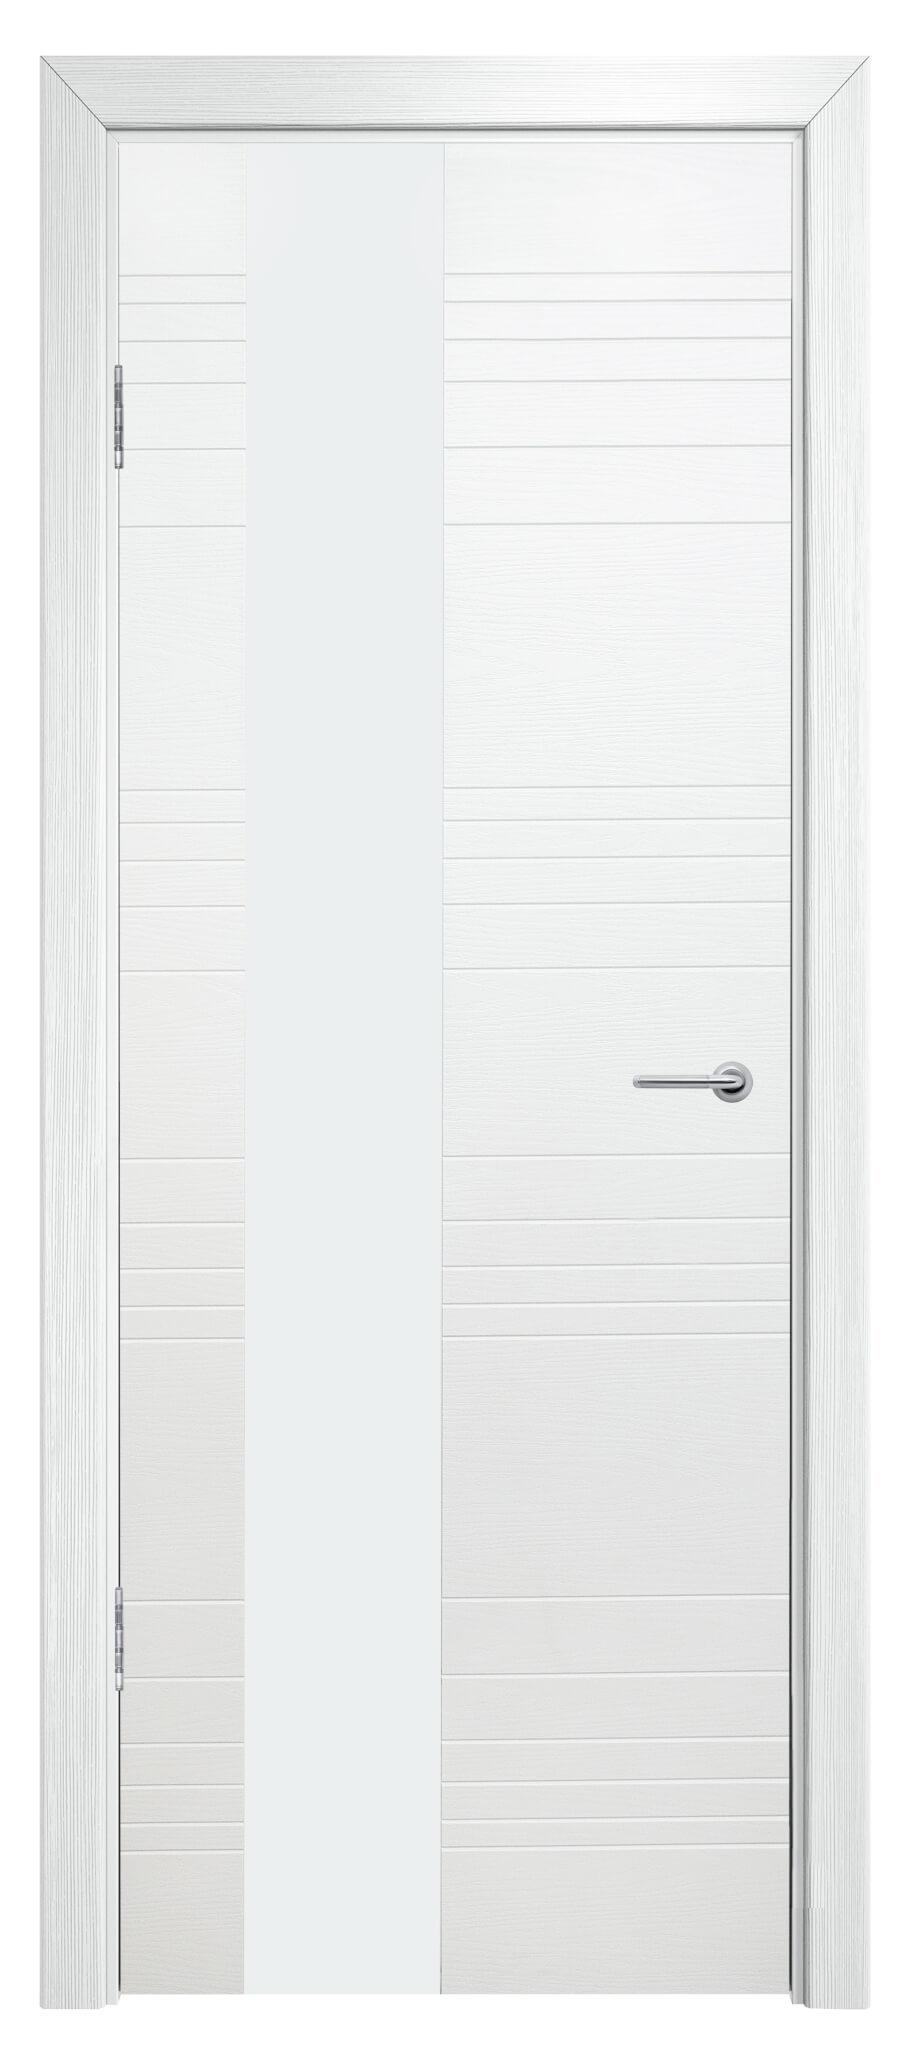 kupit dver-modern-1